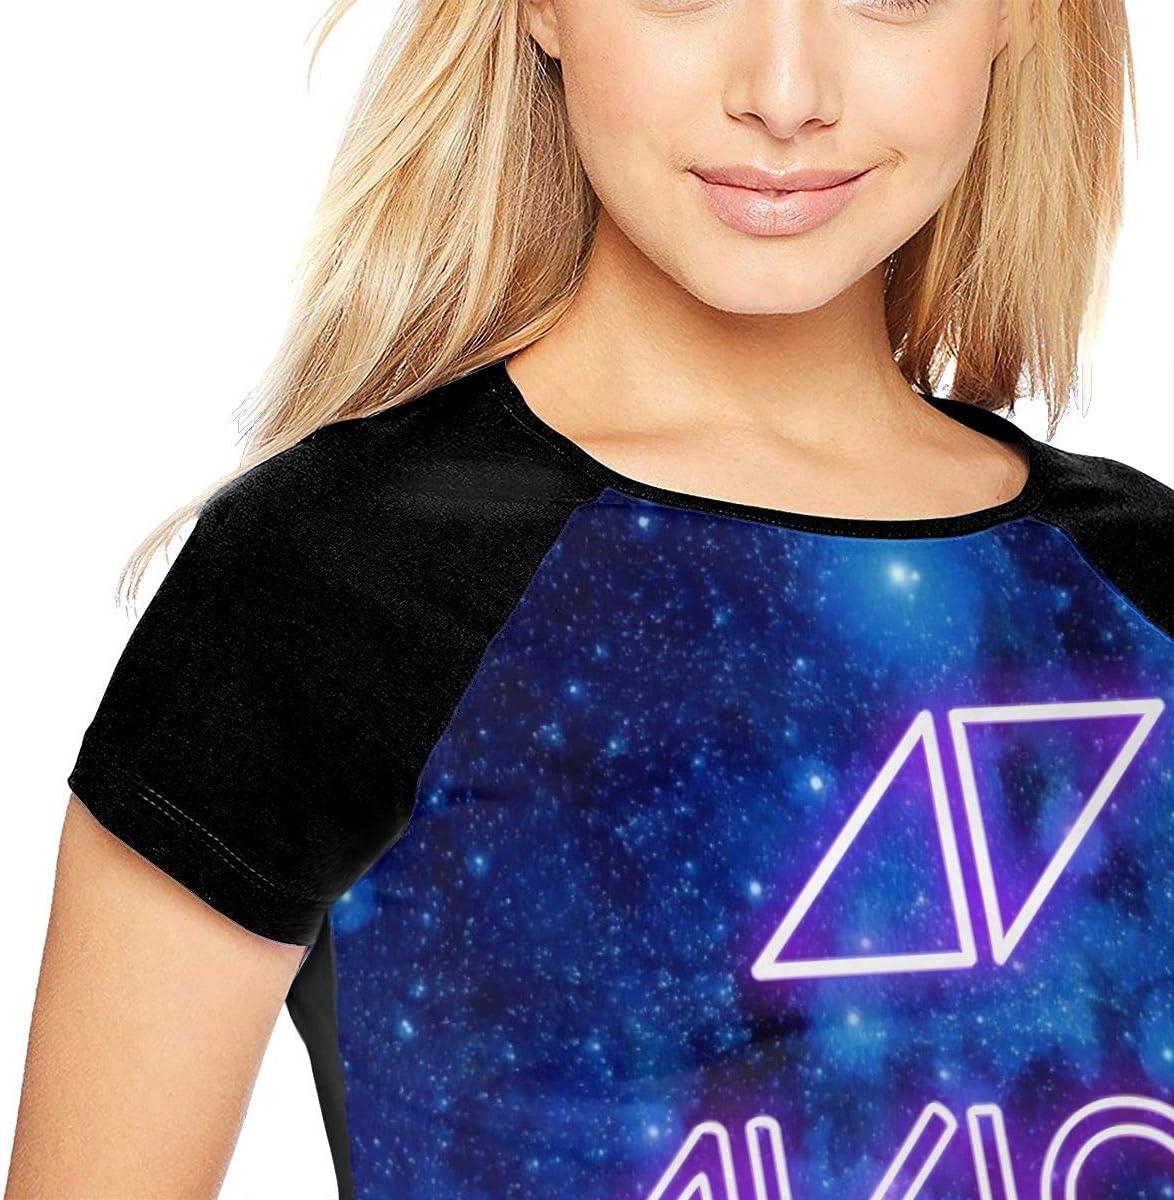 HarryShort Frauen Baseball Uniform mit kurzen /Ärmeln T-Shirt /Avicii Bedrucktes T-Shirt f/ür Erwachsene Sport Wear T-Shirts Jerseys